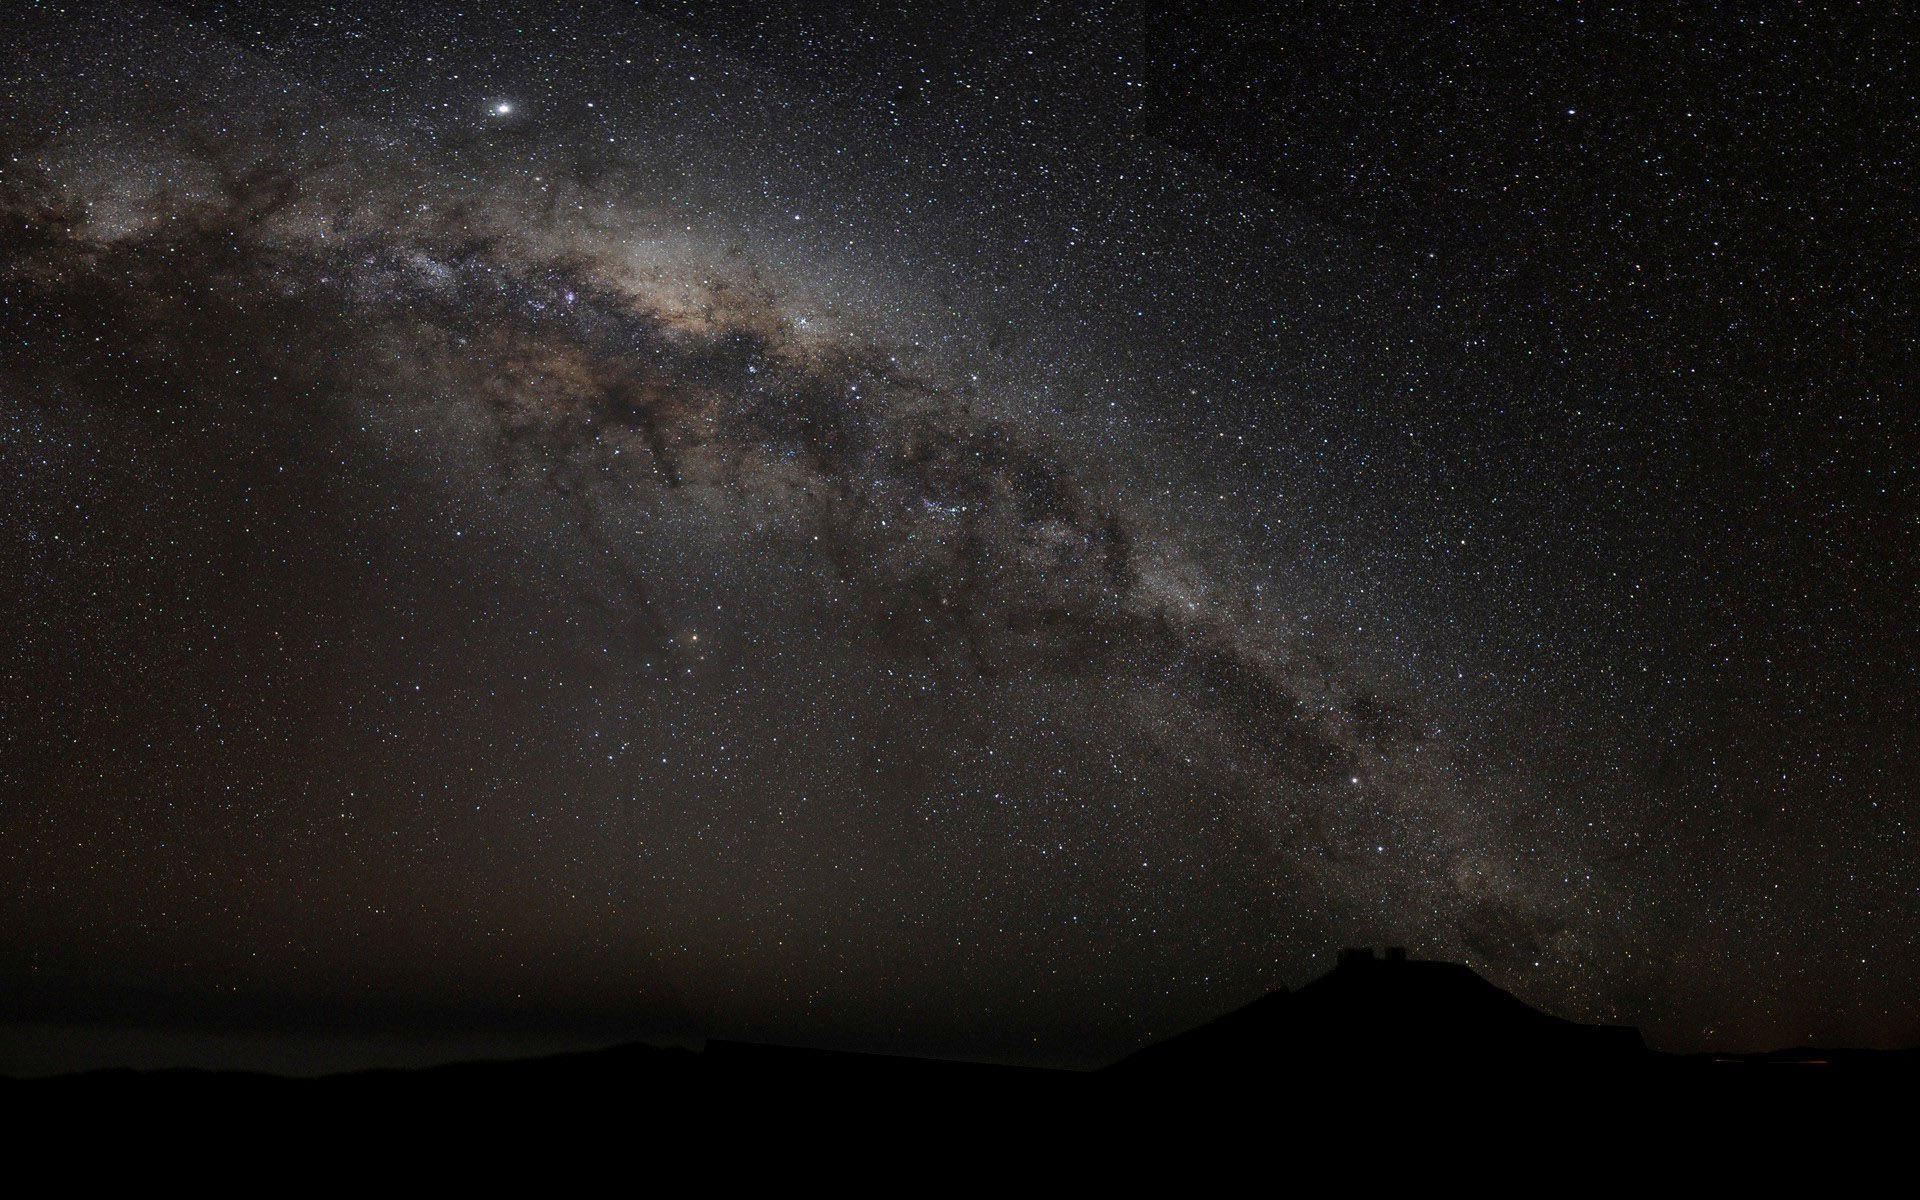 andromeda galaxy wallpaper 1920x1080